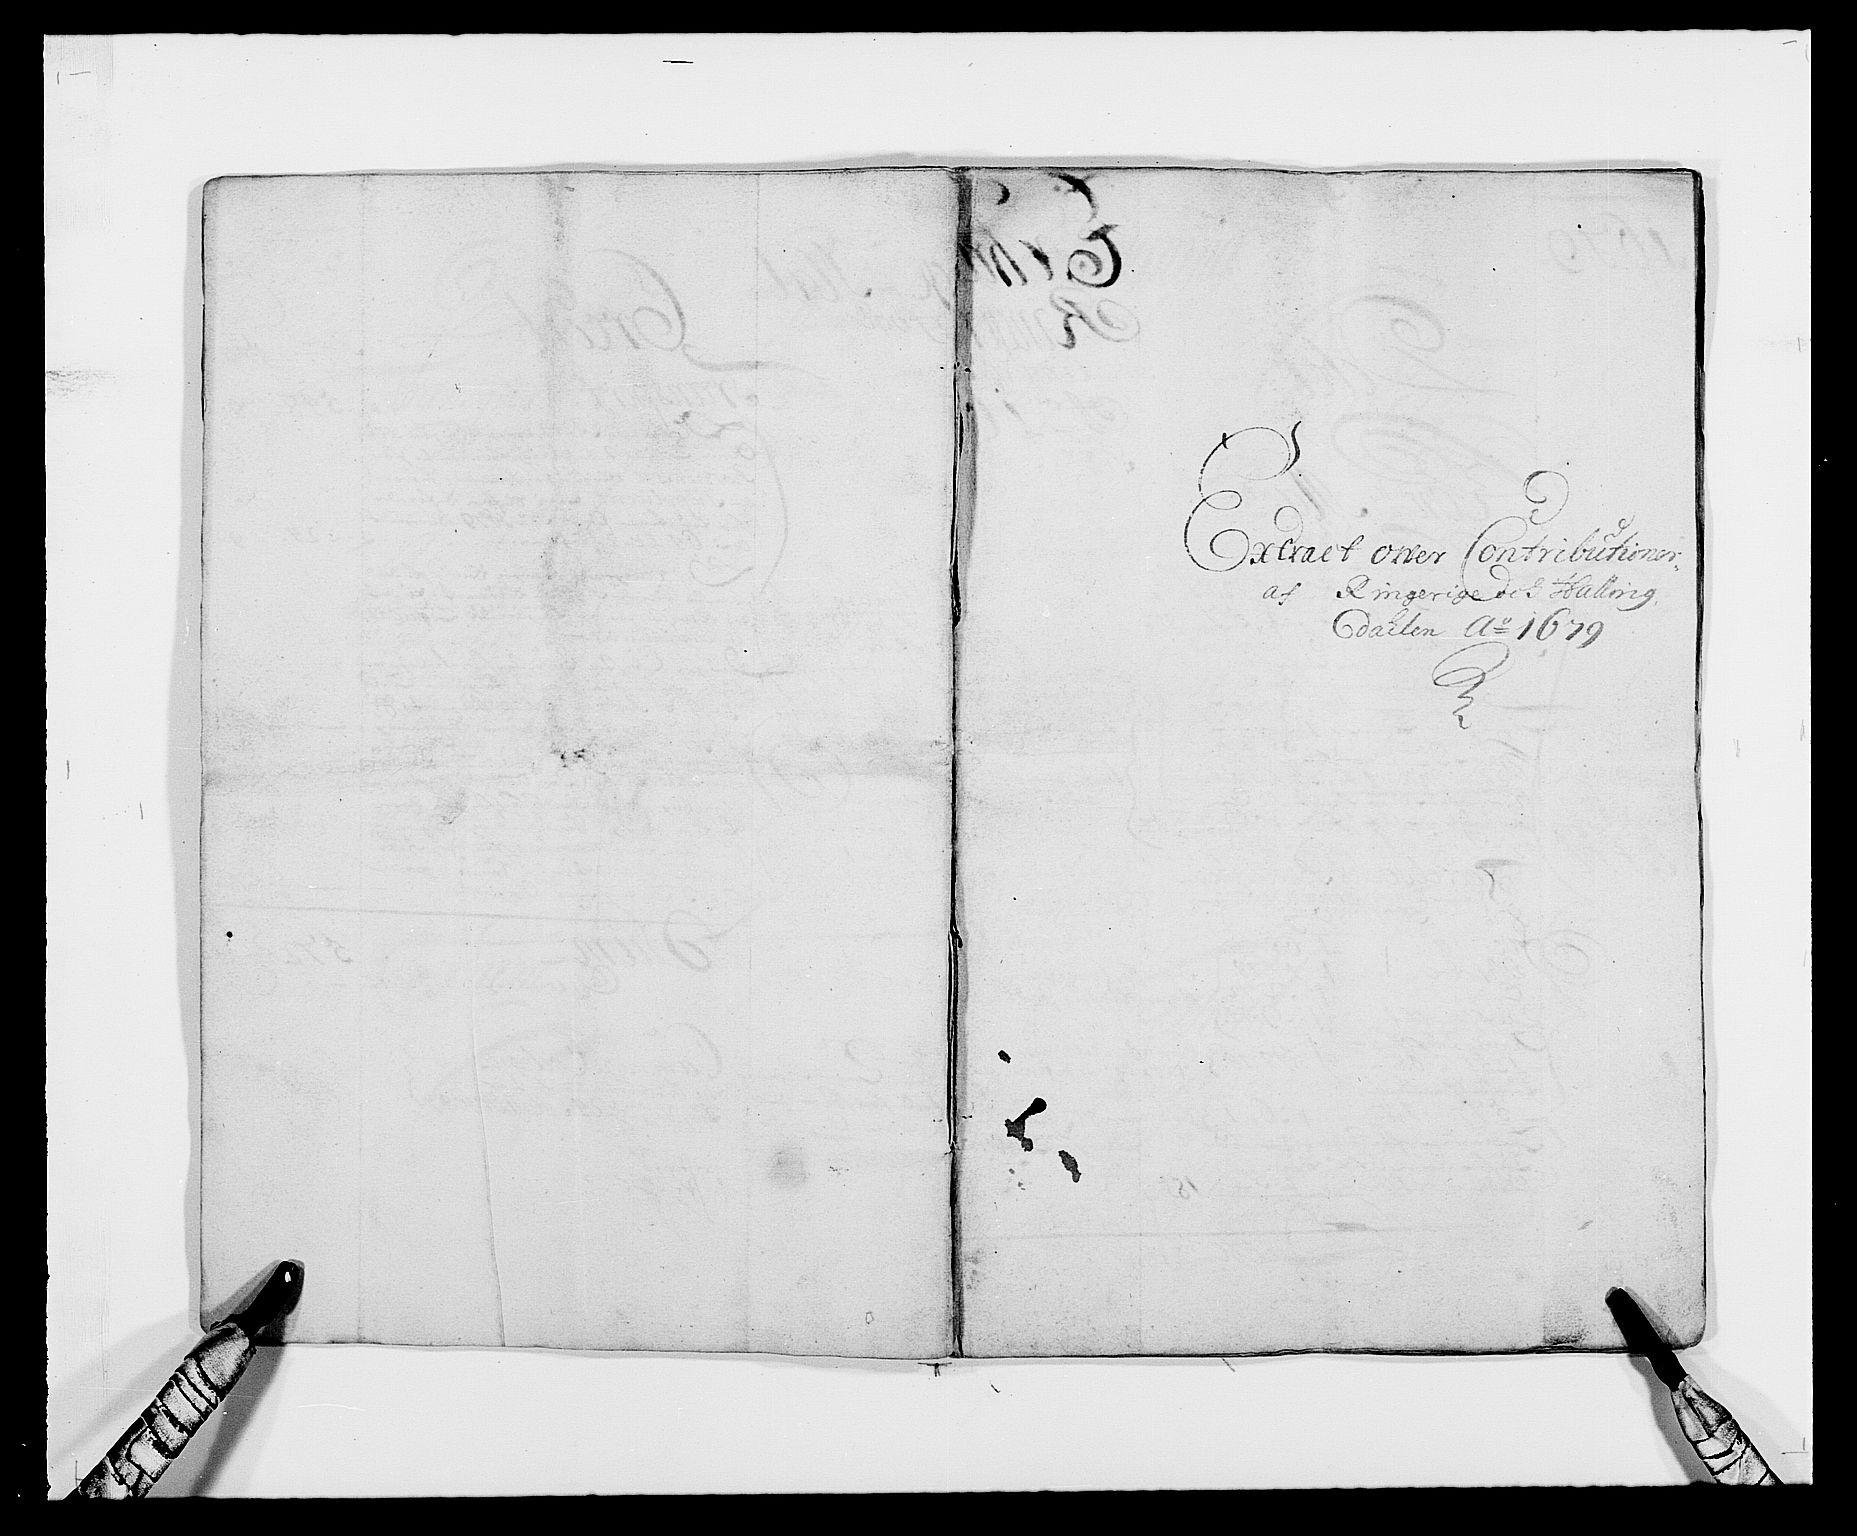 RA, Rentekammeret inntil 1814, Reviderte regnskaper, Fogderegnskap, R21/L1443: Fogderegnskap Ringerike og Hallingdal, 1678-1680, s. 13